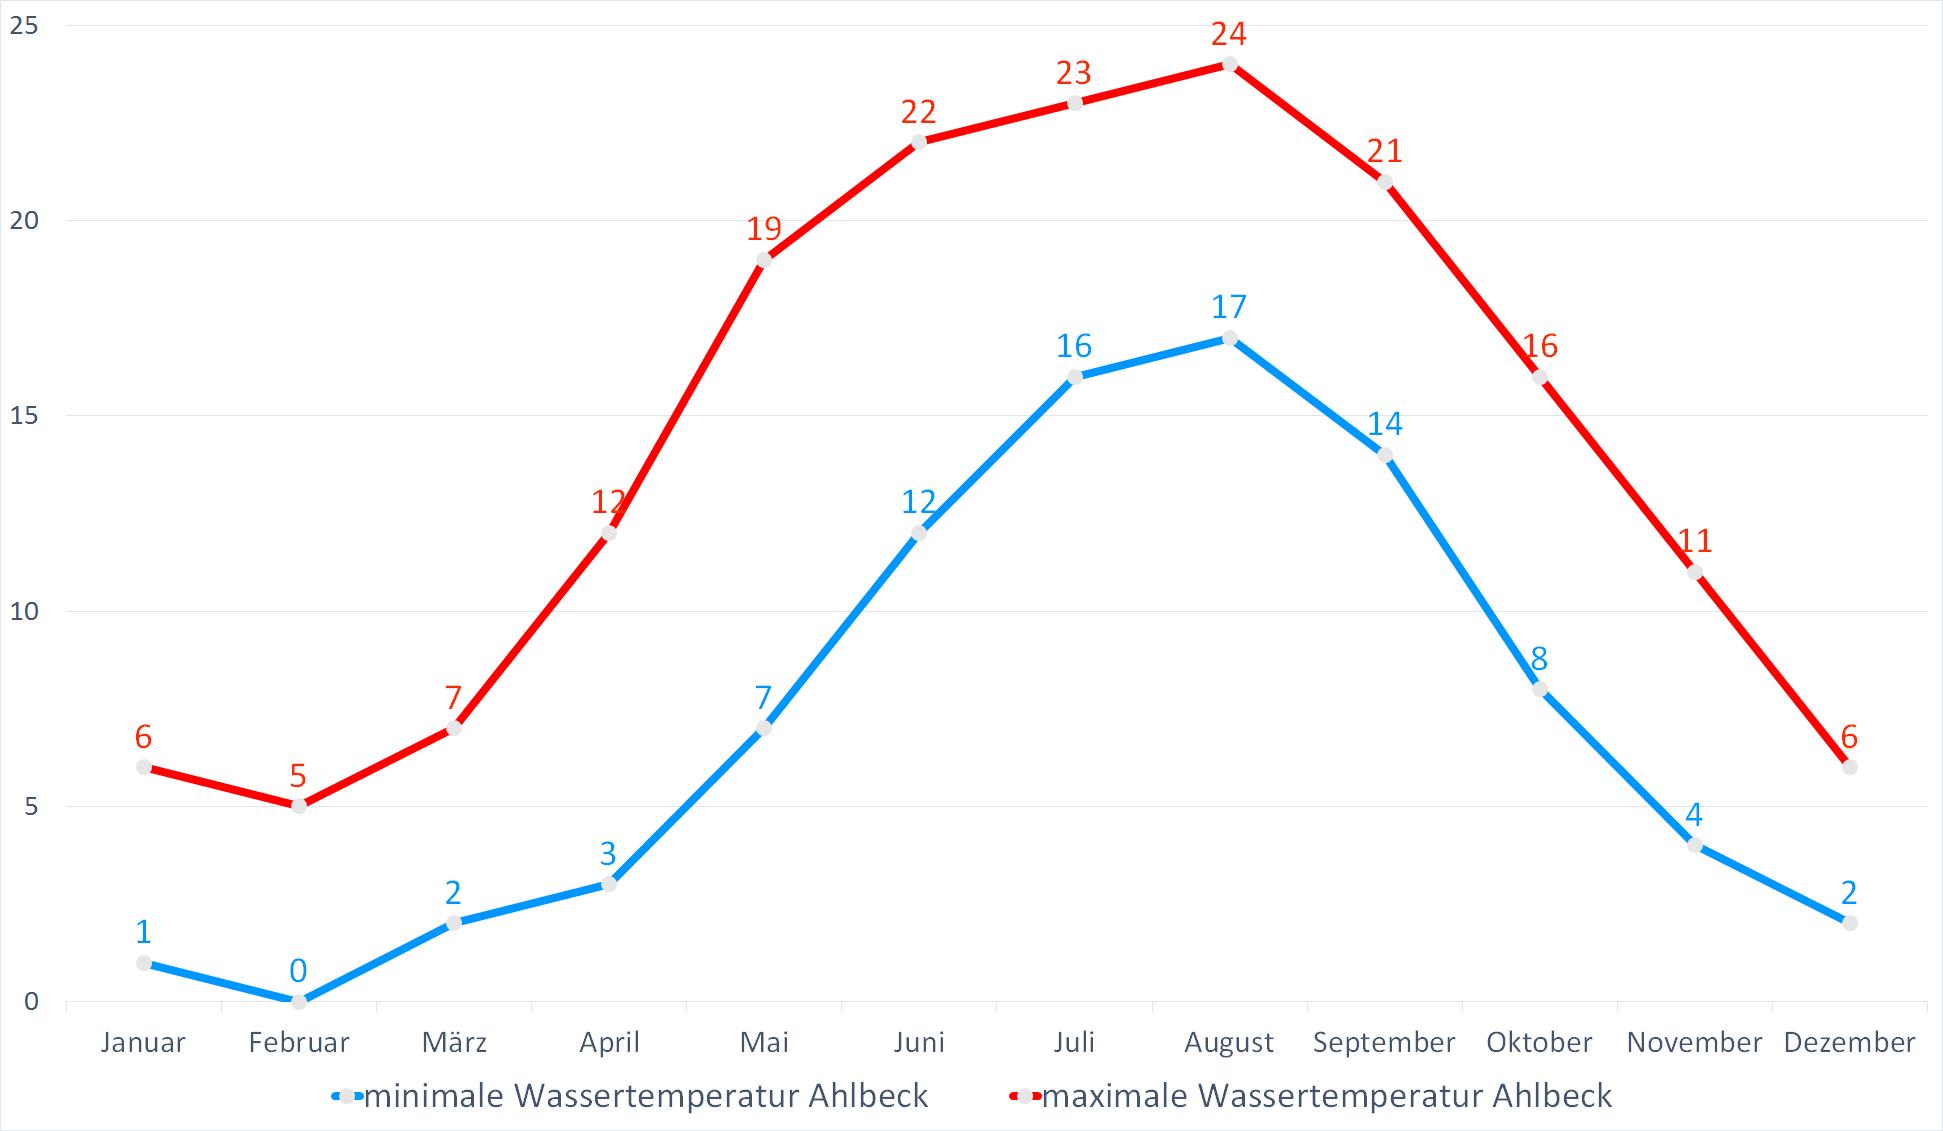 Minimale & Maximale Wassertemperaturen für Ahlbeck im Jahresverlauf